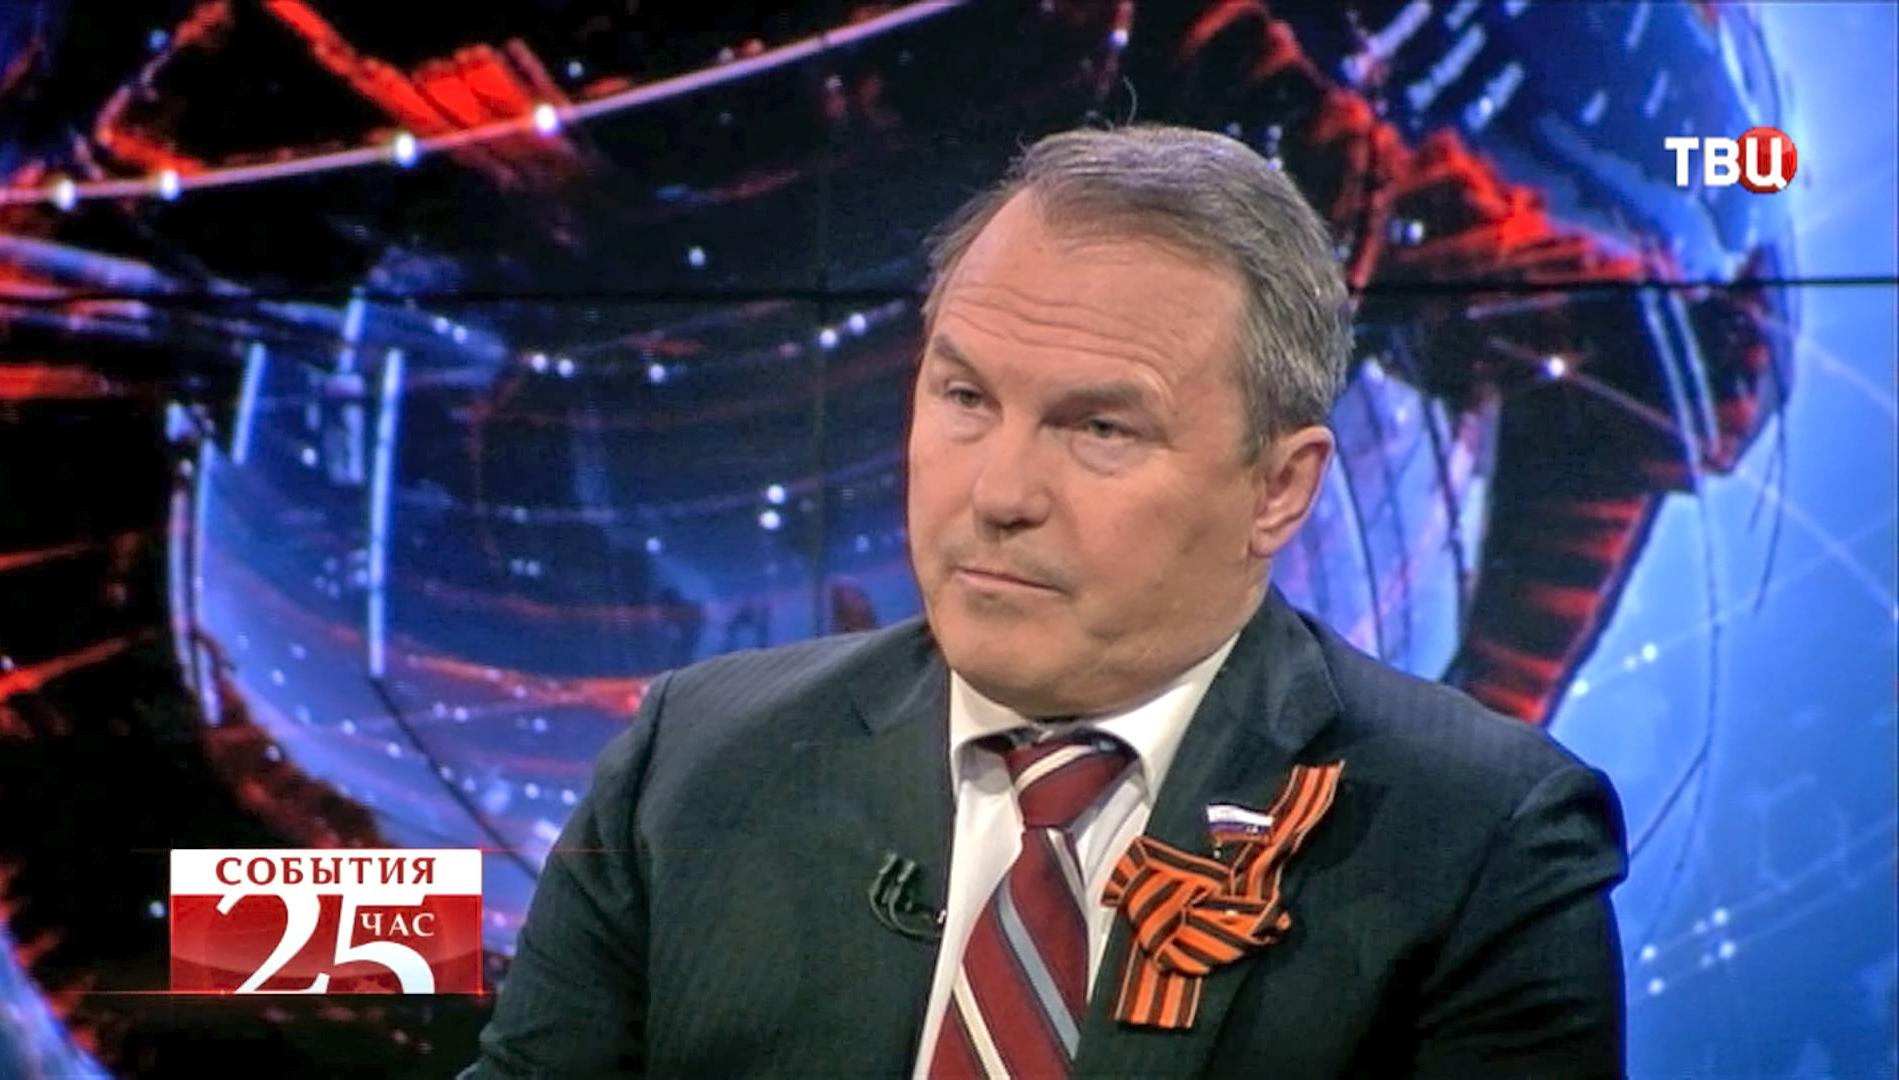 Игорь Морозов, член Комитета Совета Федерации РФ по международным делам